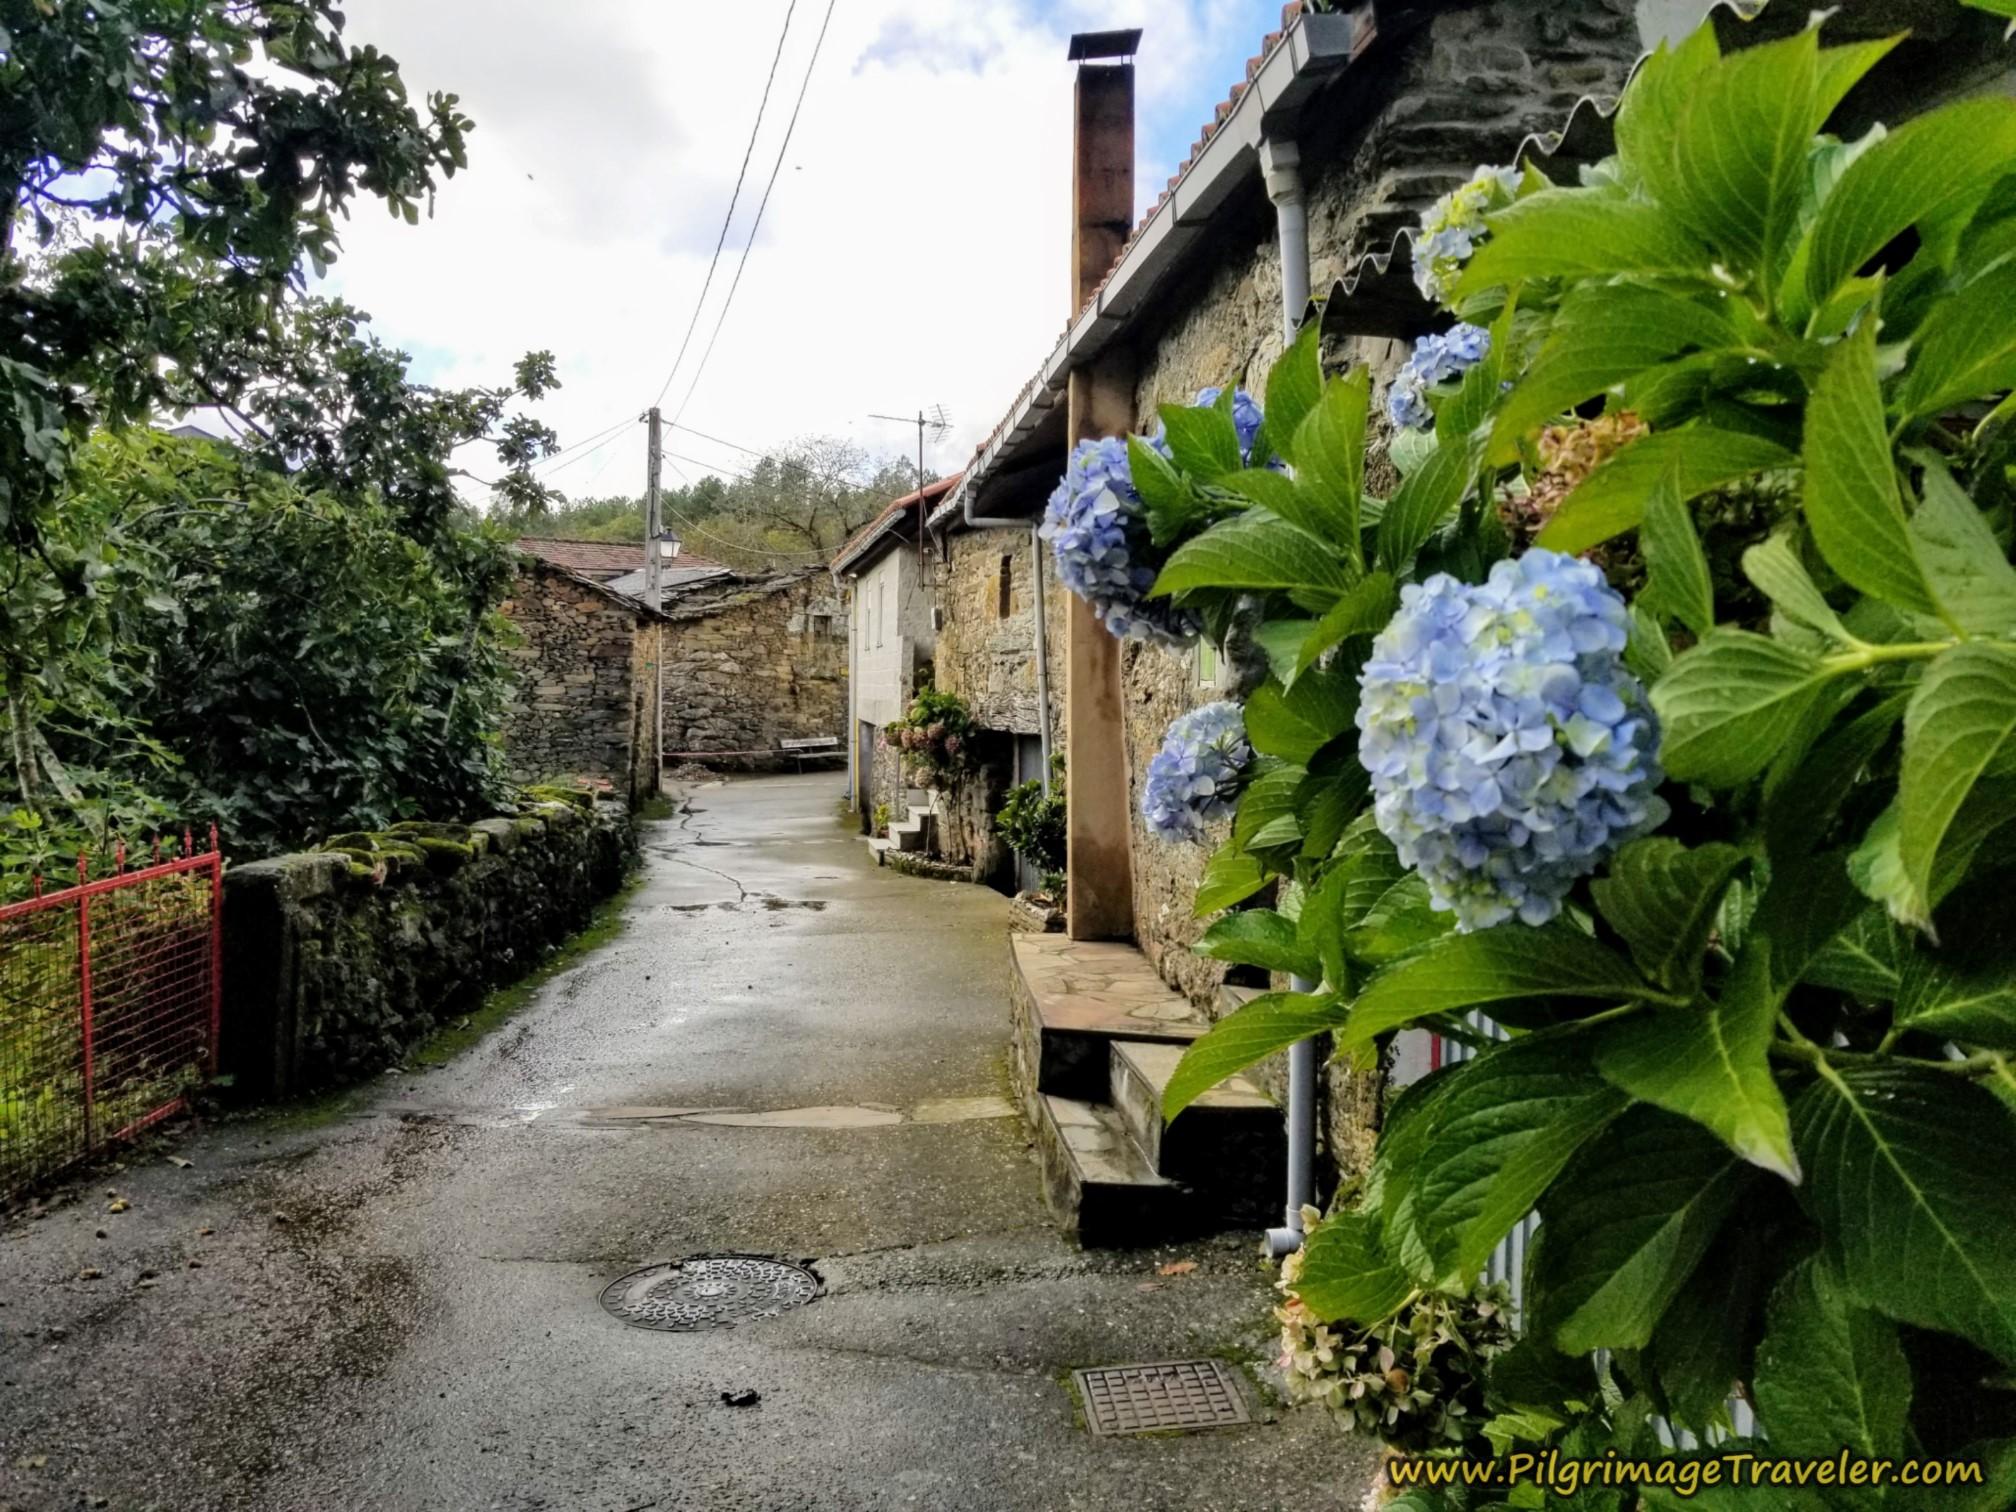 Entering As Eiras on the Camino Sanabrés from to A Venda da Capela to A Laza